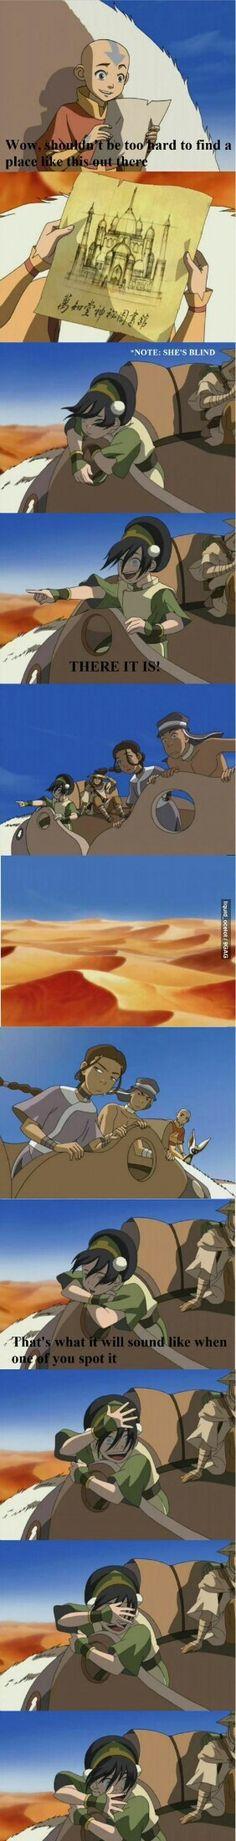 Avatar: The Last Airbender - Aang, Toph, Sokka and Katara